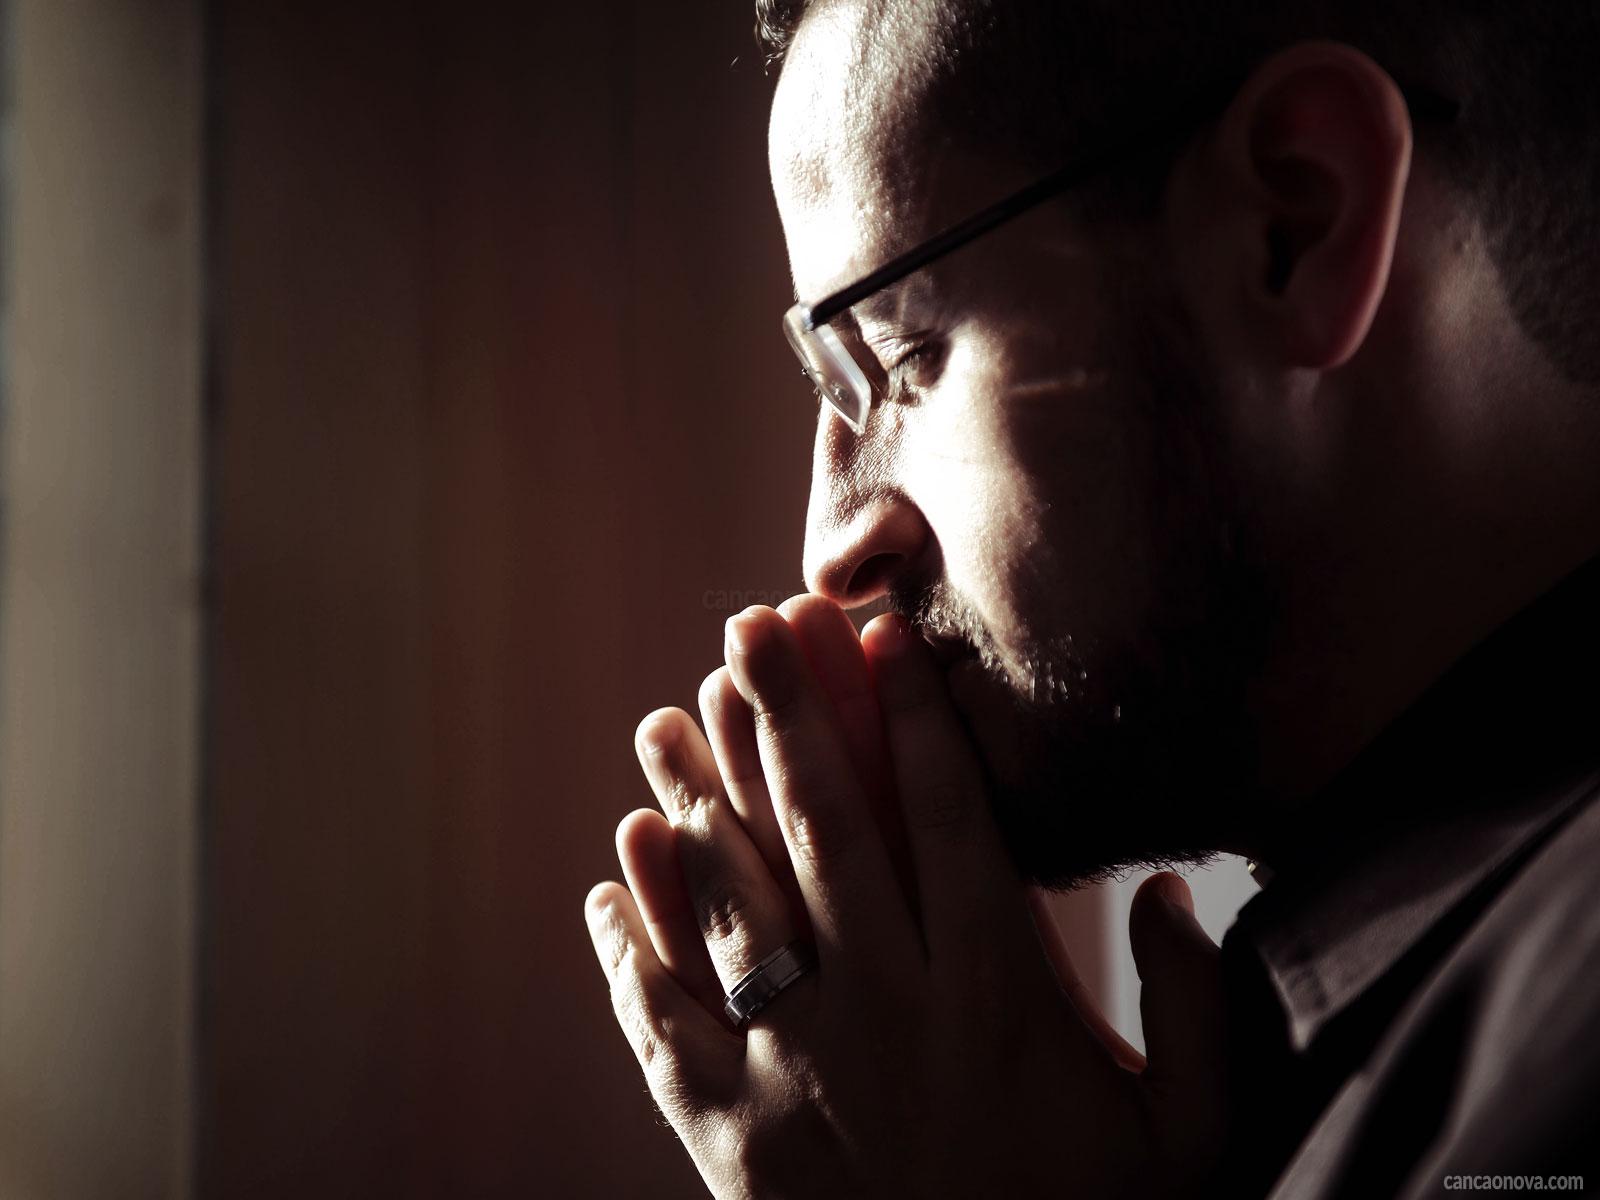 -Sou-feliz-na-minha-vocação-e-chamado-ao-sacerdócio